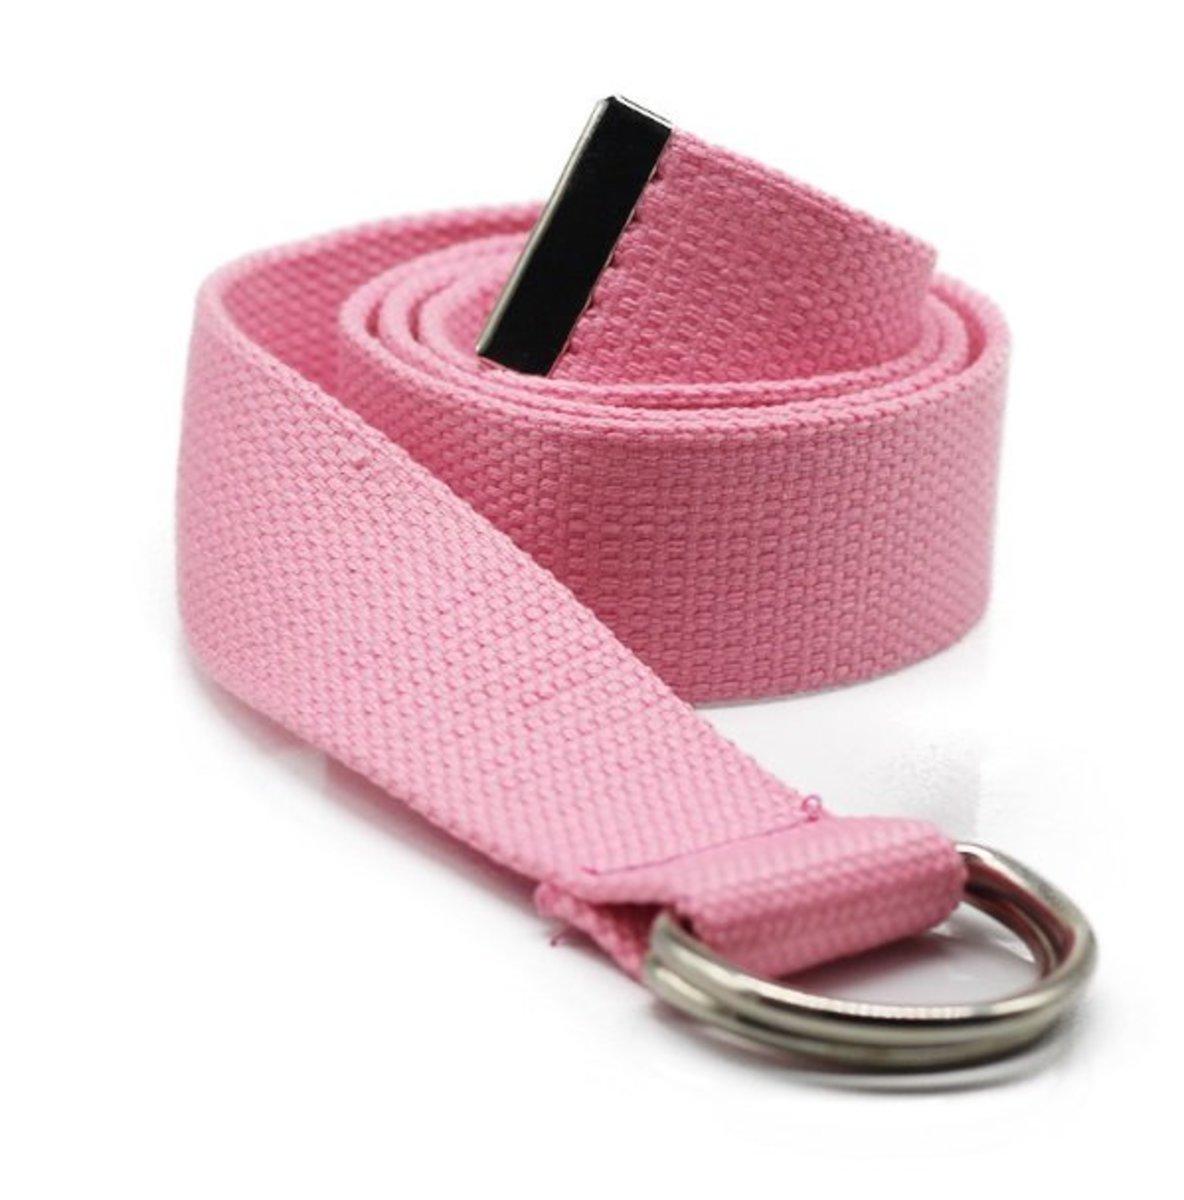 Canvas belt (pink) (width:3.8cm lenght: 110cm)